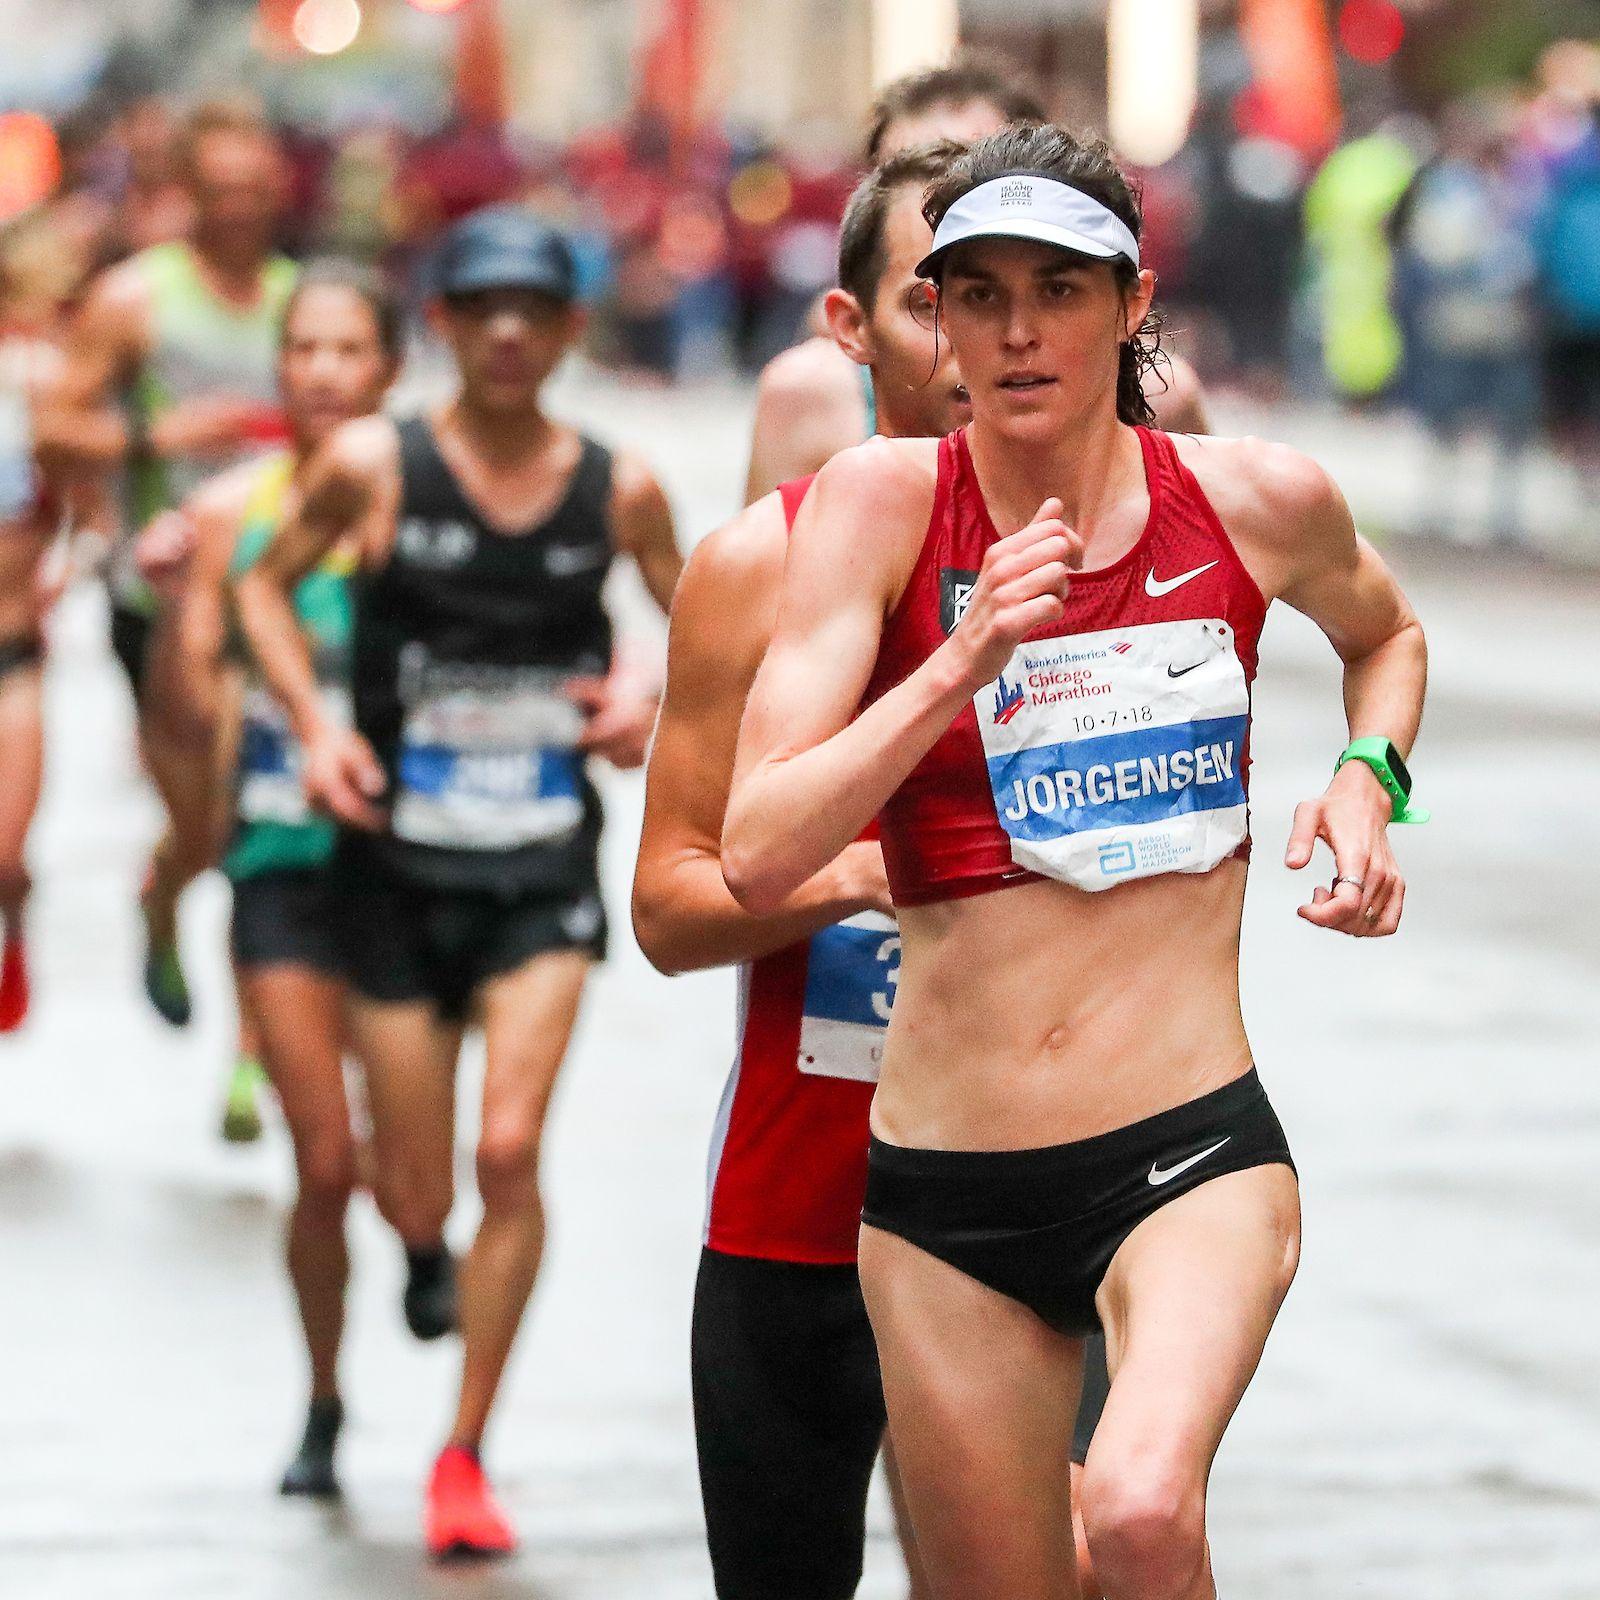 Pro Marathoner Gwen Jorgensen Undergoes Heel Surgery